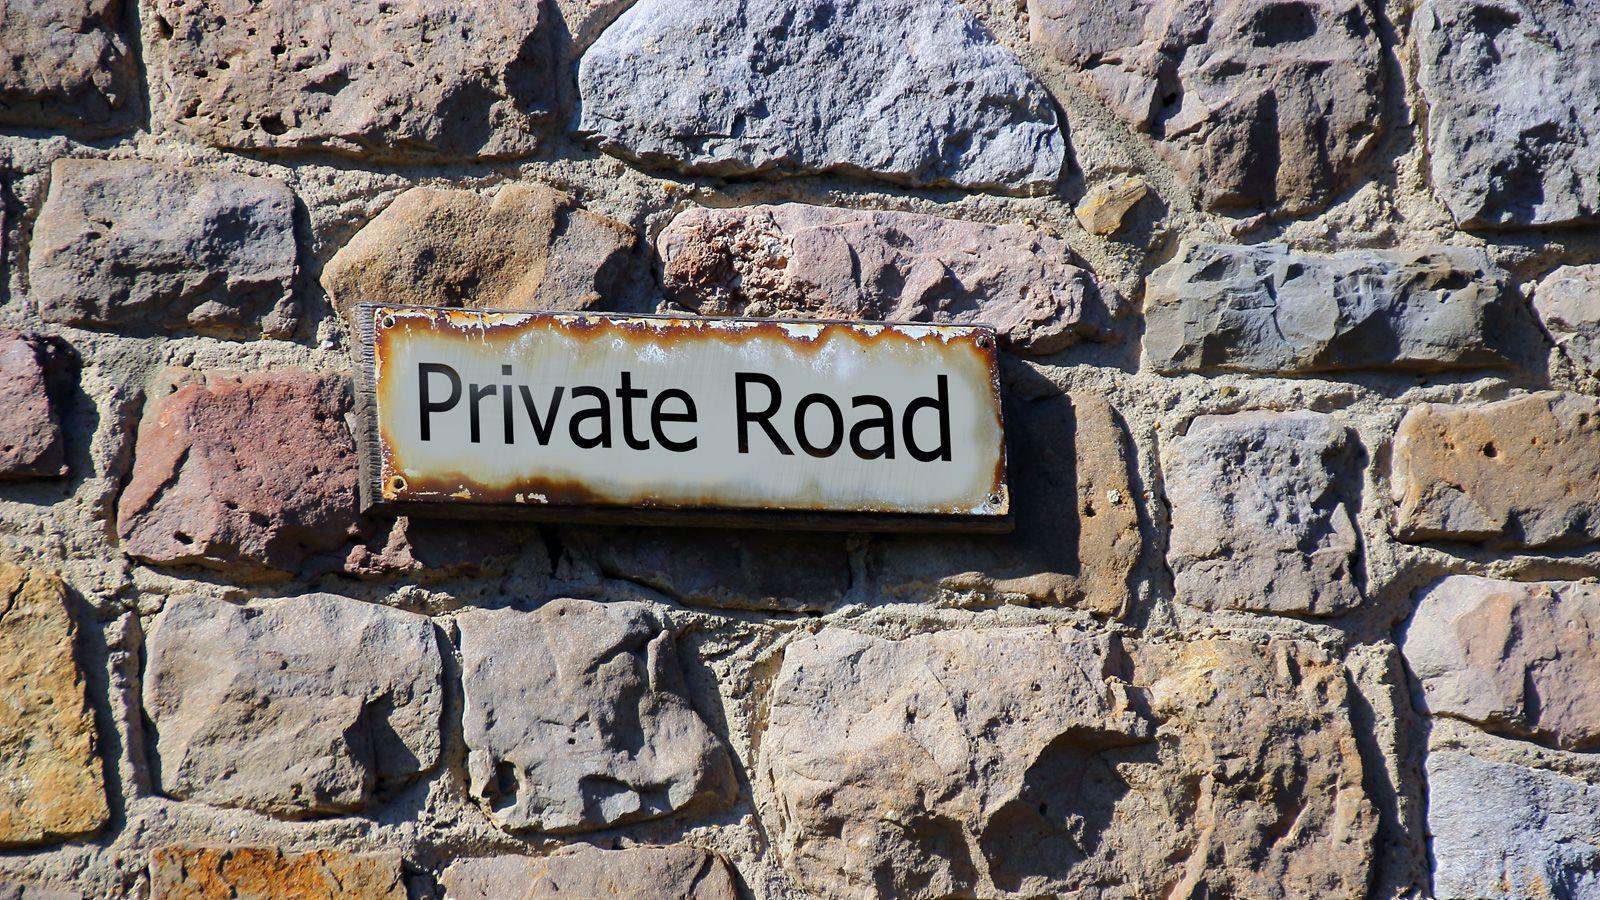 Privat vs. Persönlich: Was nicht in dieses Netz gehört